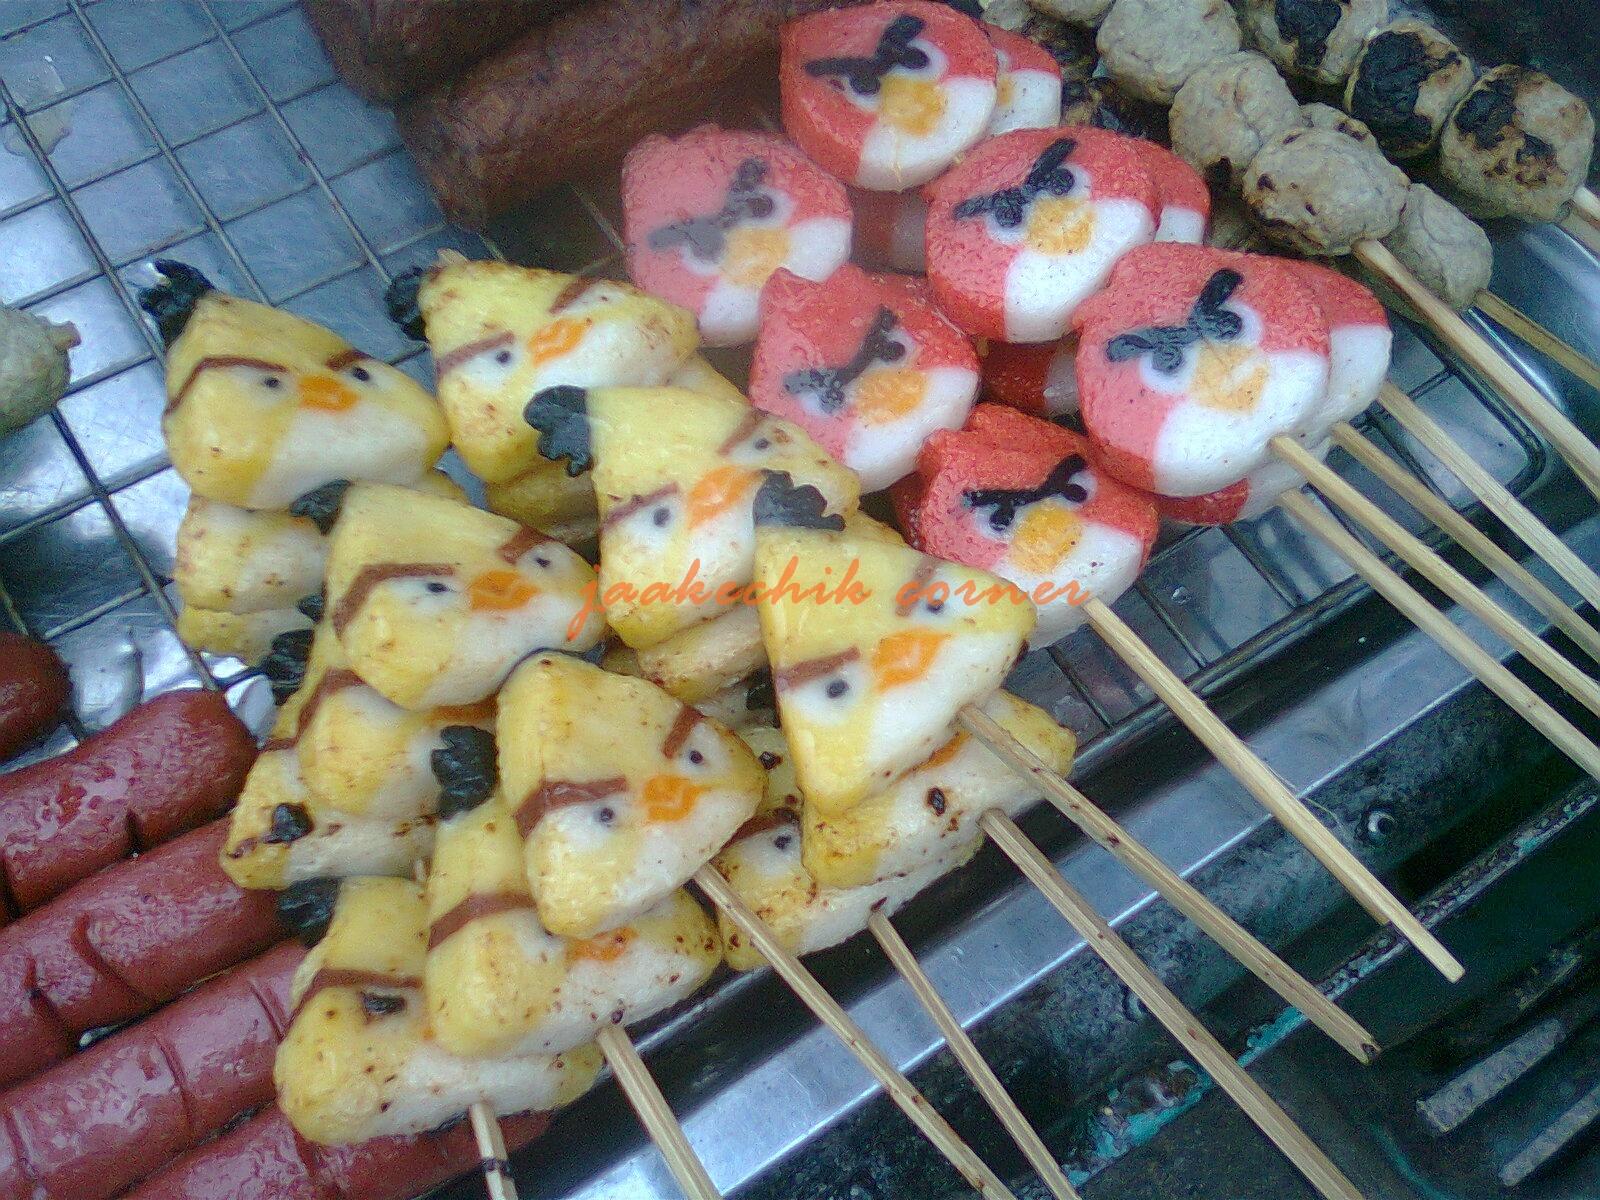 Hot dog angry bird jaakechik corner